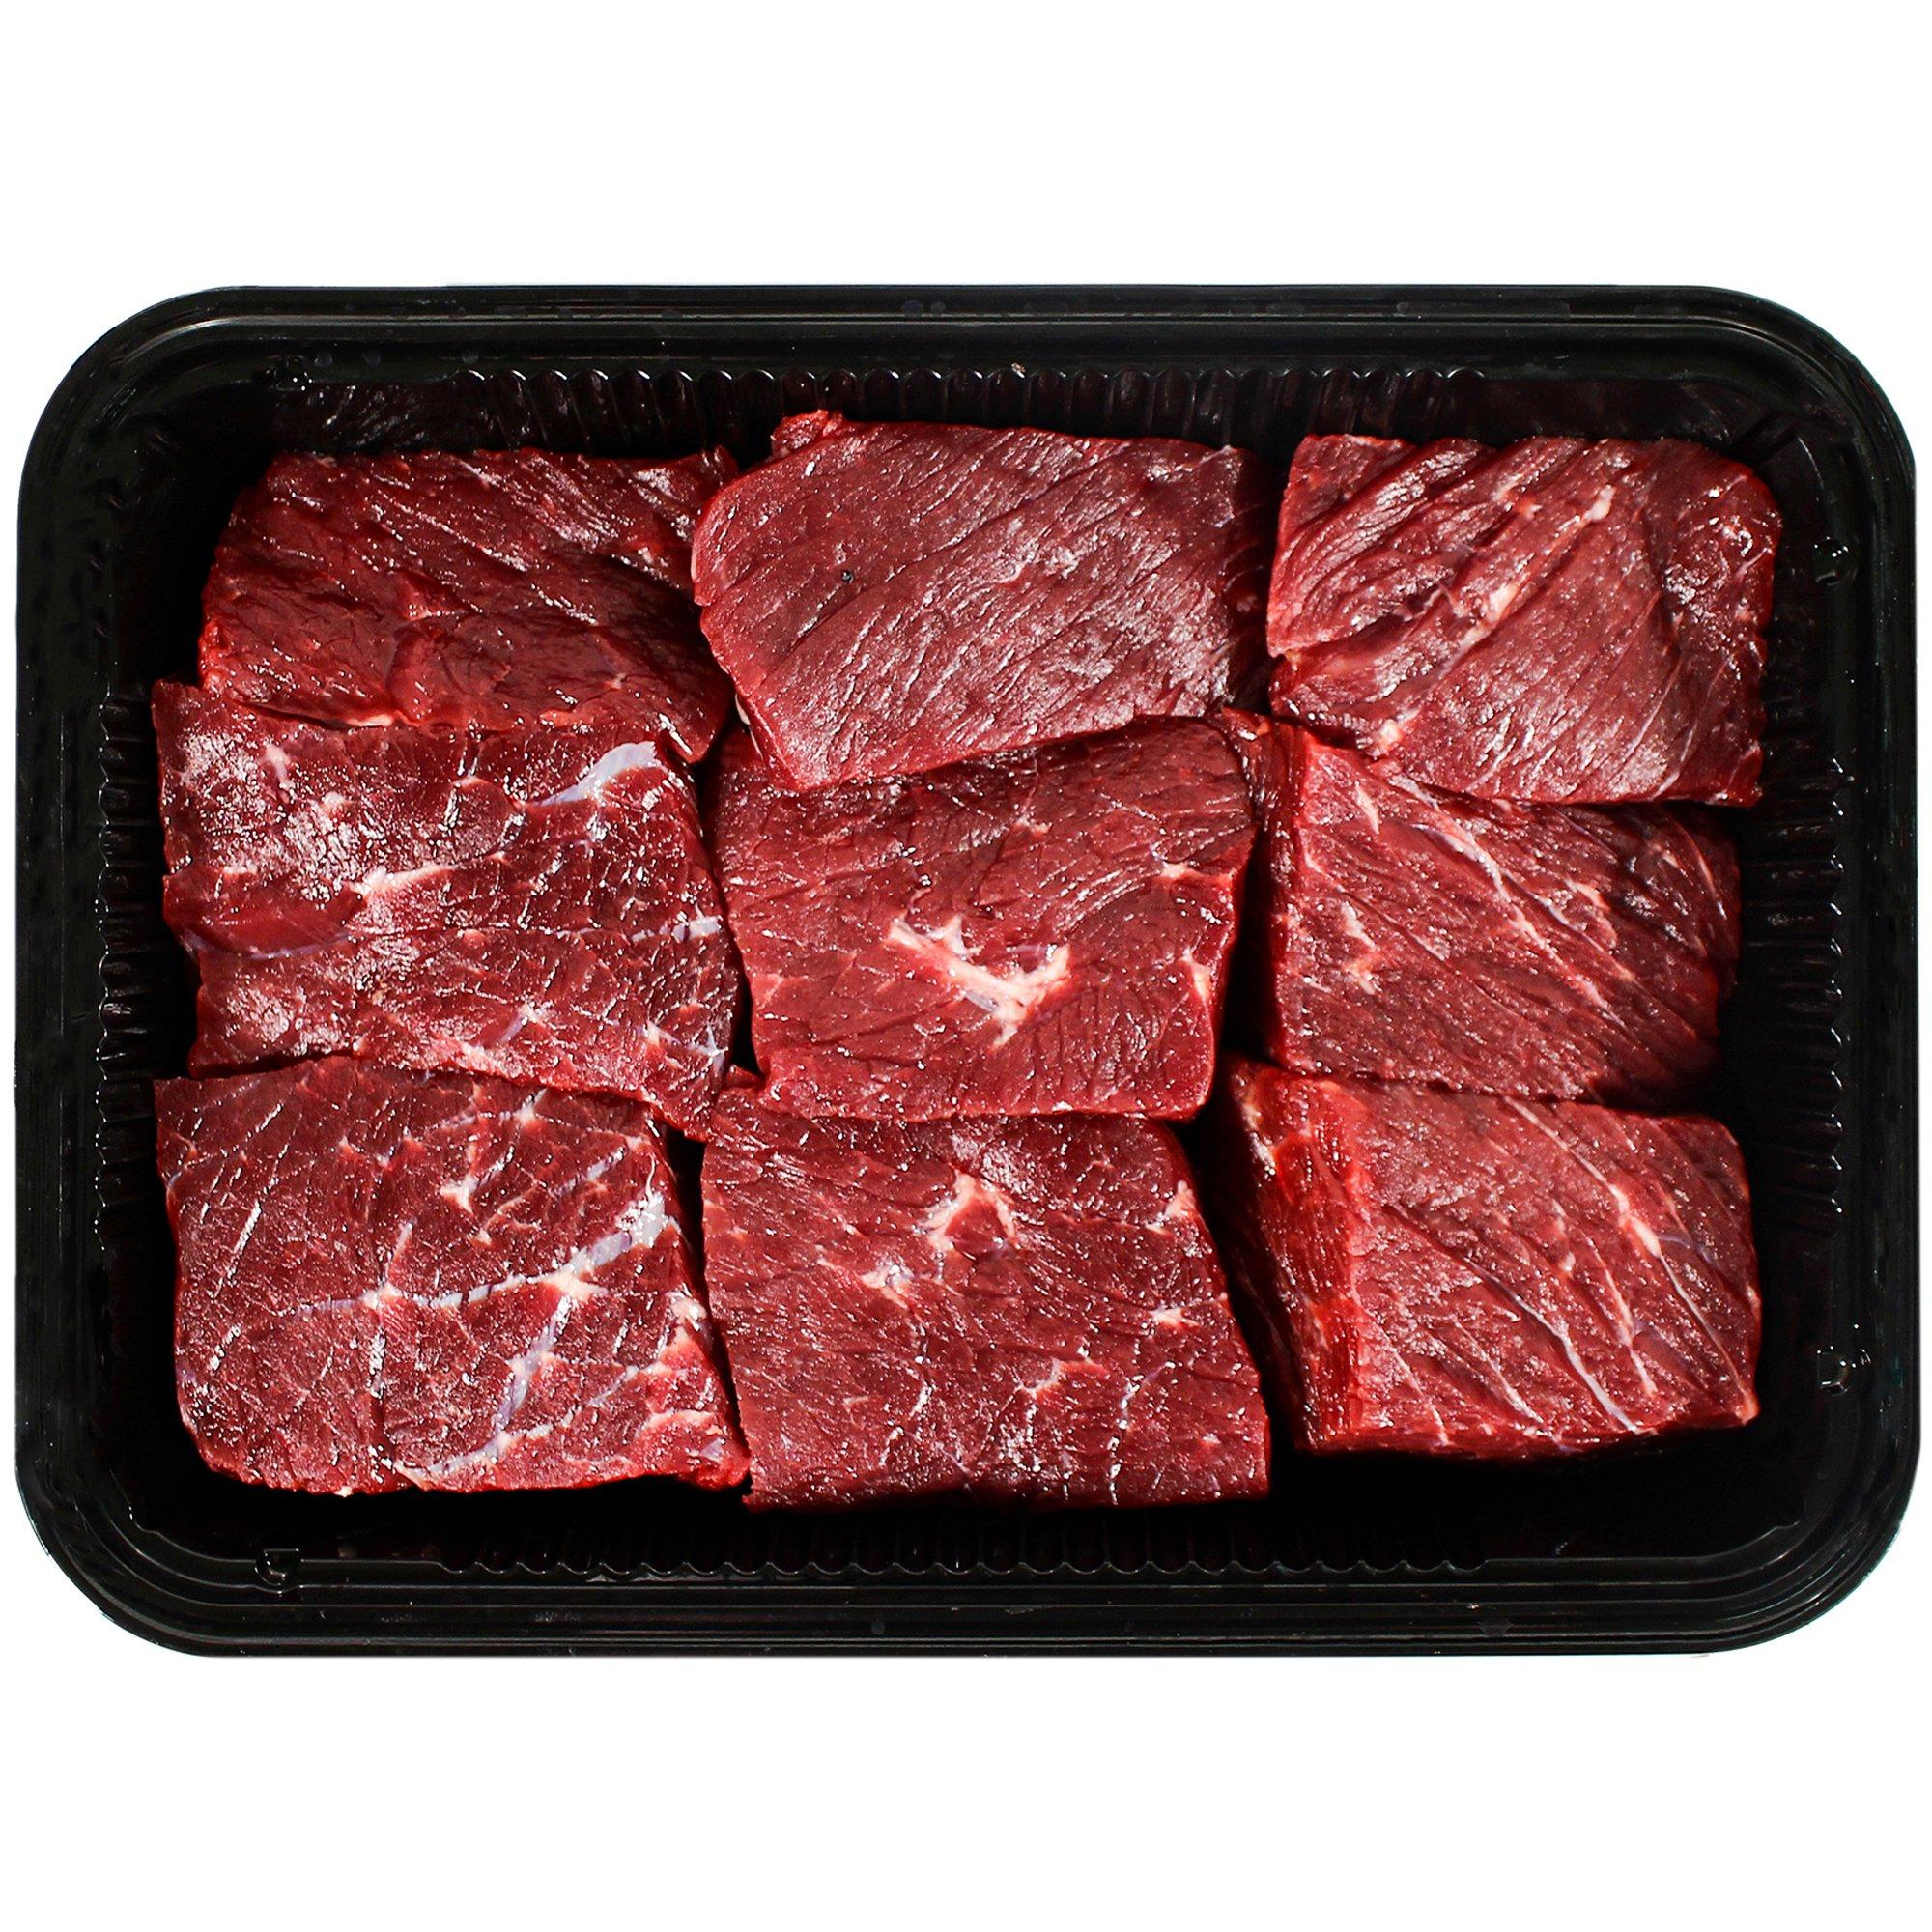 گوشت خورشتی گوساله ۵۰۰ گرمی